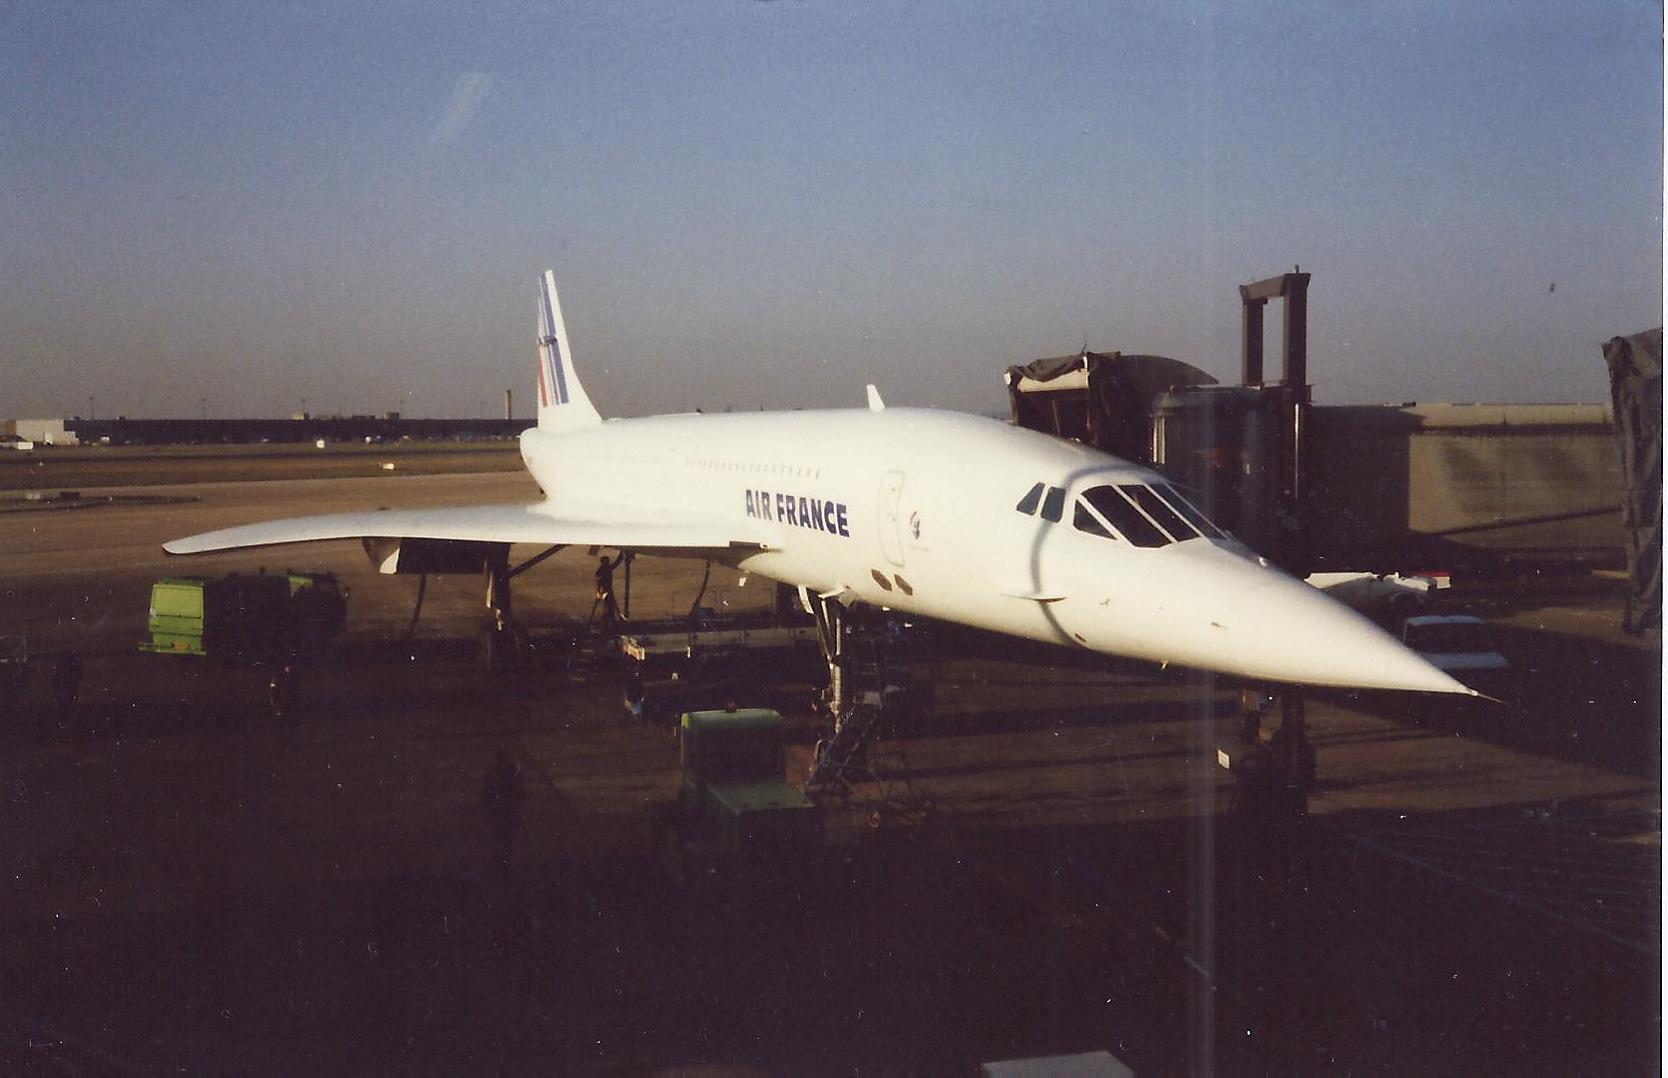 Roissy CDG le 21 février 1987. Concorde  attend ses passagers pour son premier tour du monde. Photo MS.